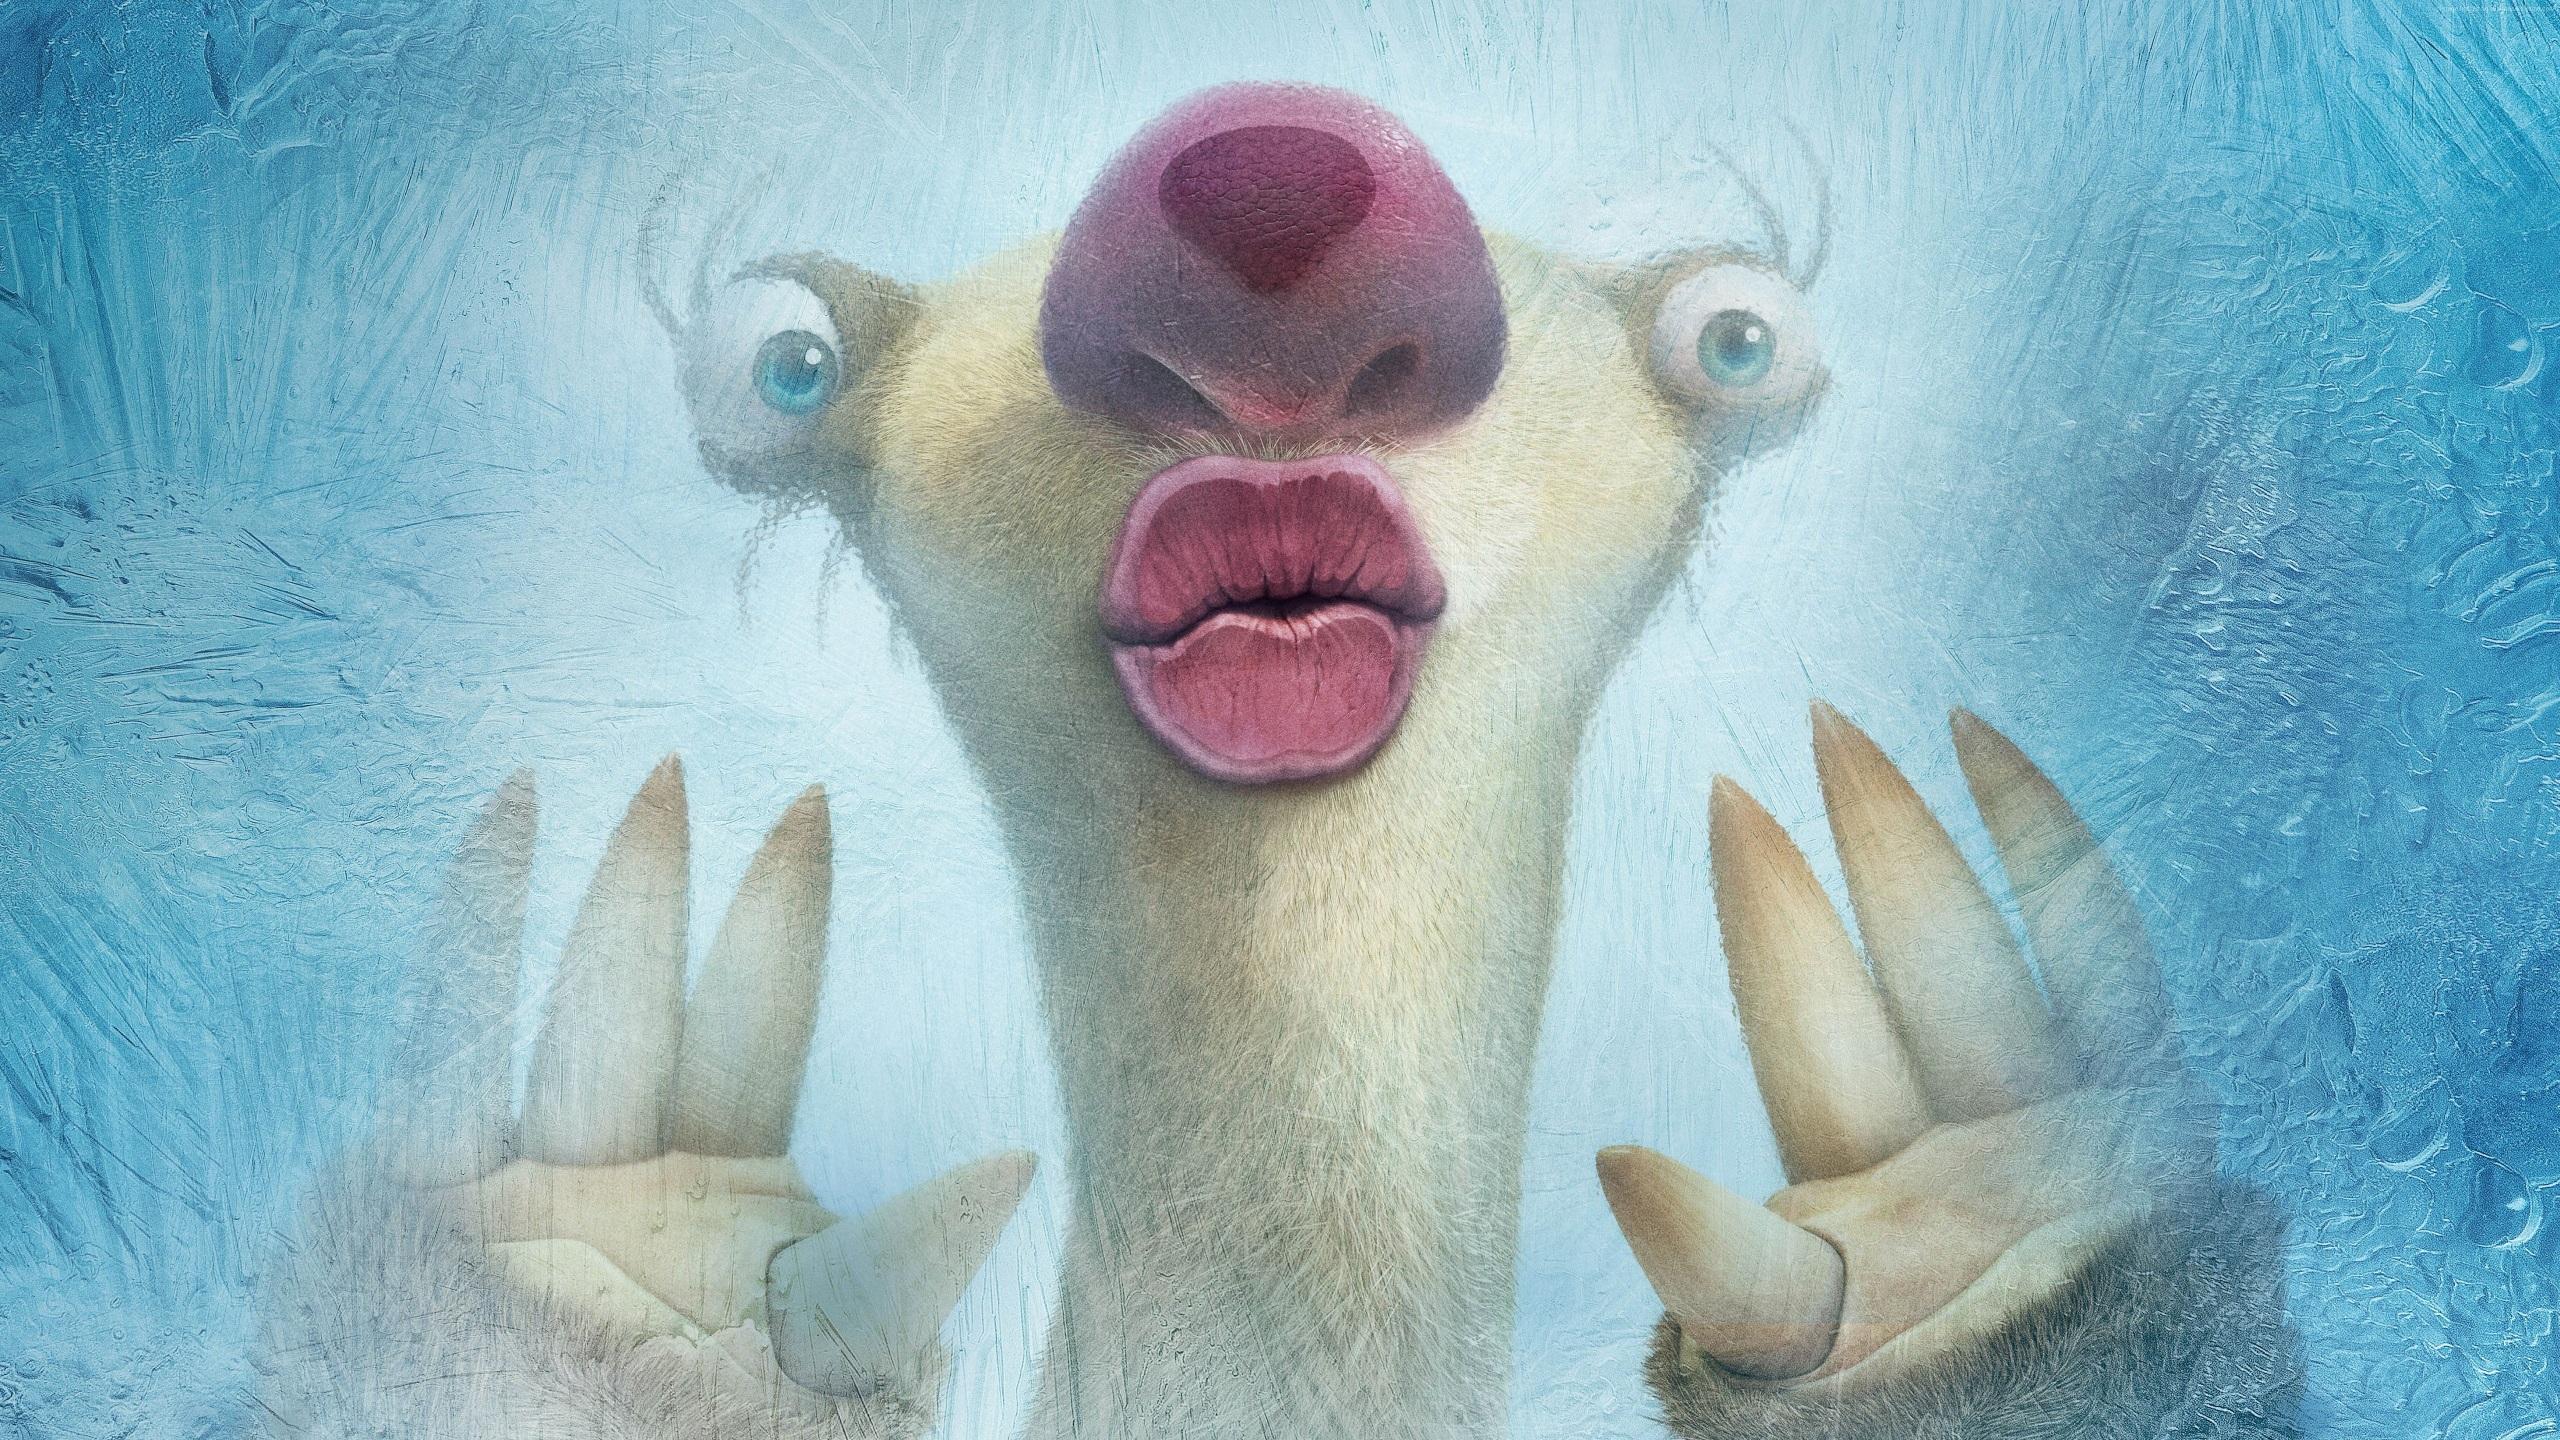 Bilder von Ice Age – Kollision voraus! Sid Animationsfilm Großansicht 2560x1440 Zeichentrickfilm hautnah Nahaufnahme